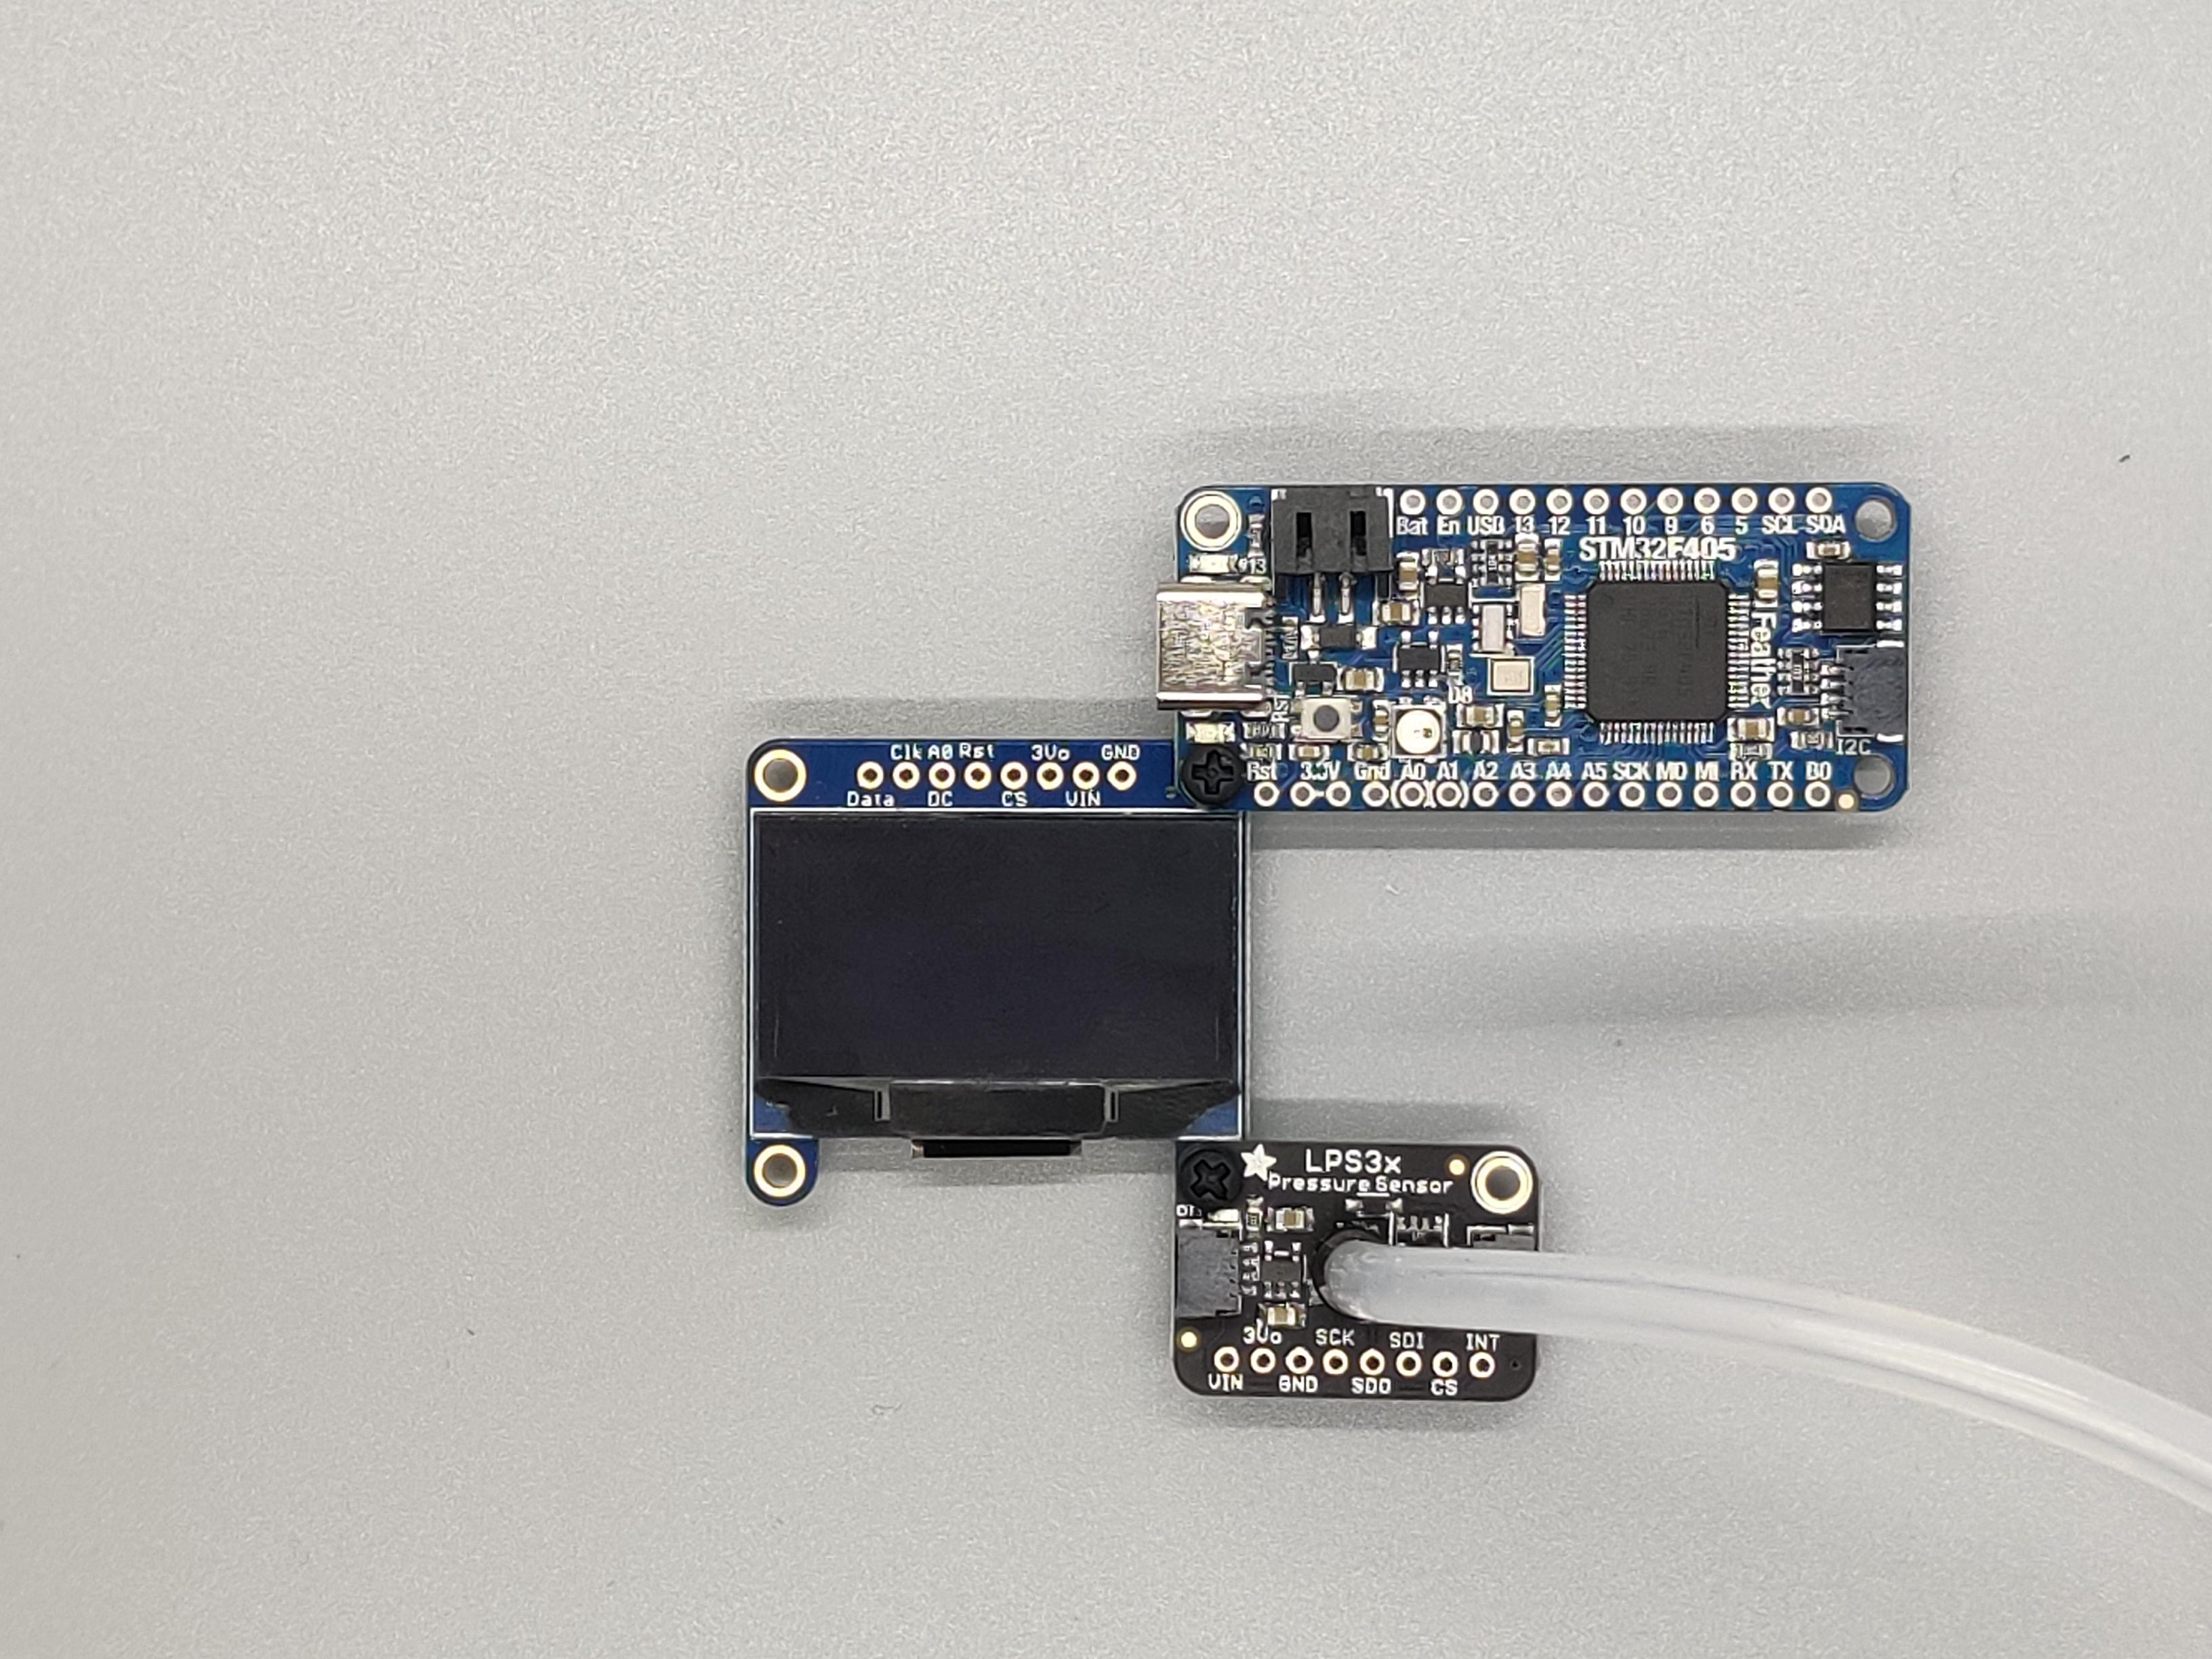 sensors_IMG_20200211_154526.jpg